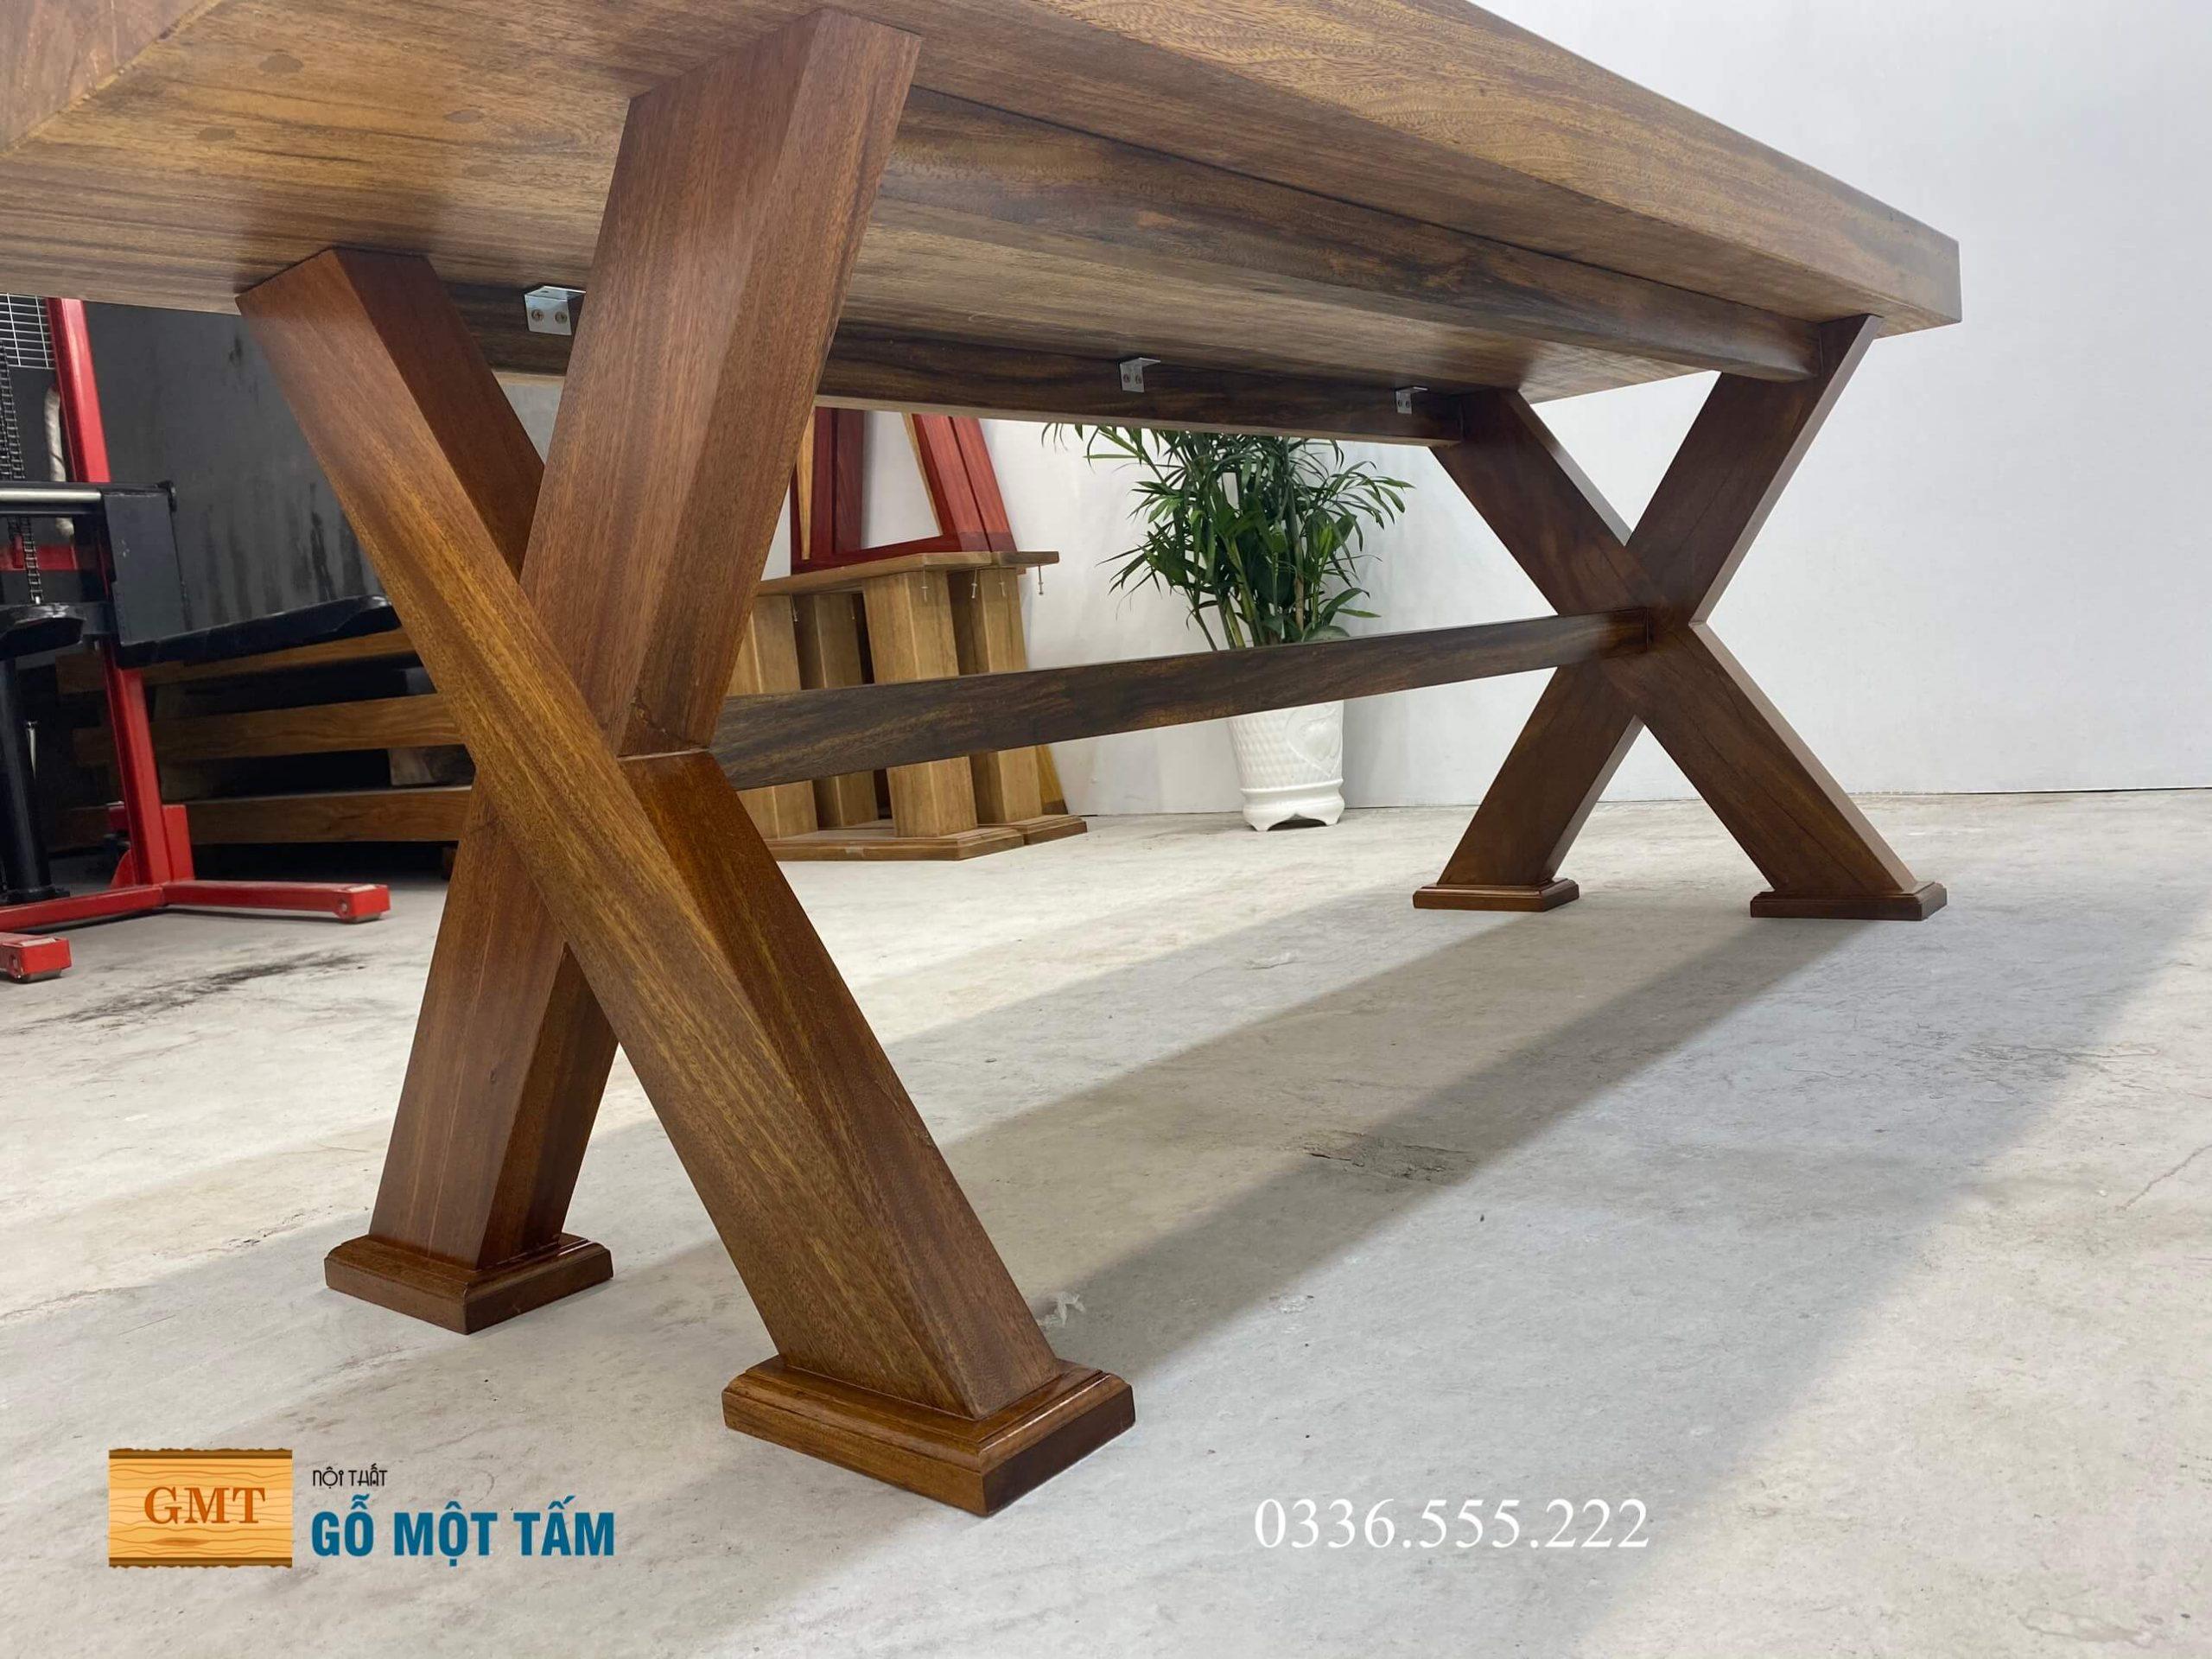 bàn làm việc gỗ kim nguyên tấm 2